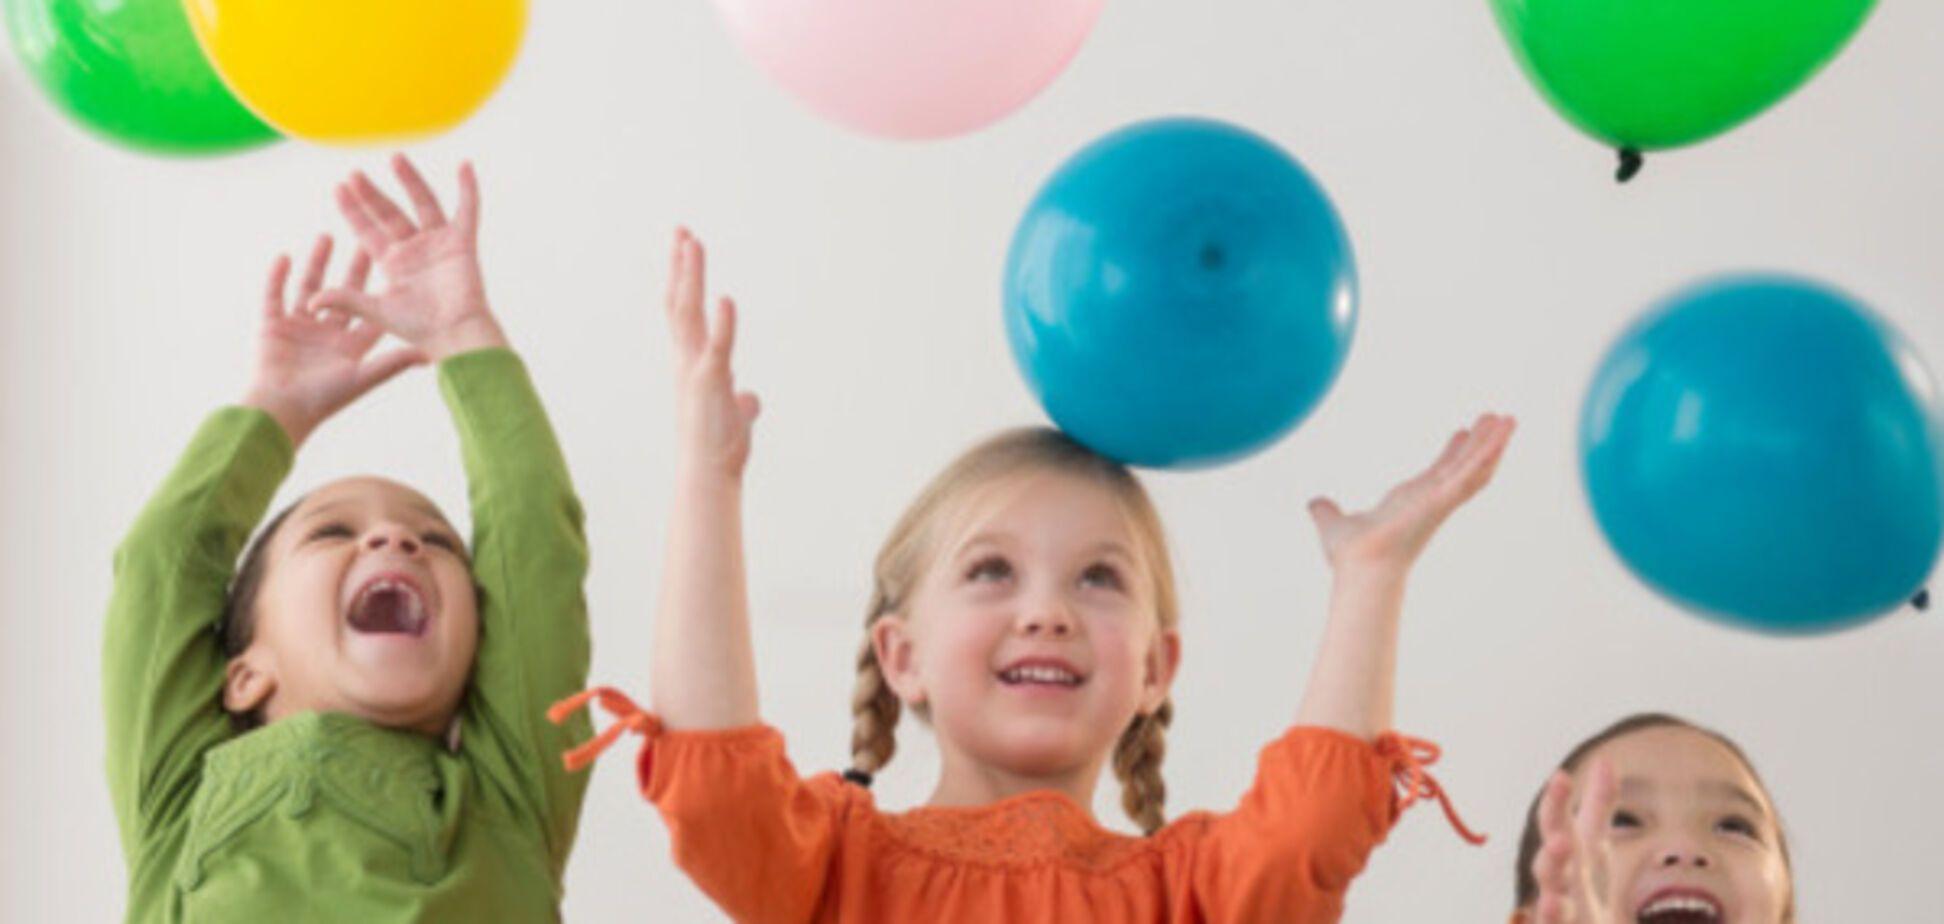 Ученые заявили об опасности воздушных шаров для детского слуха